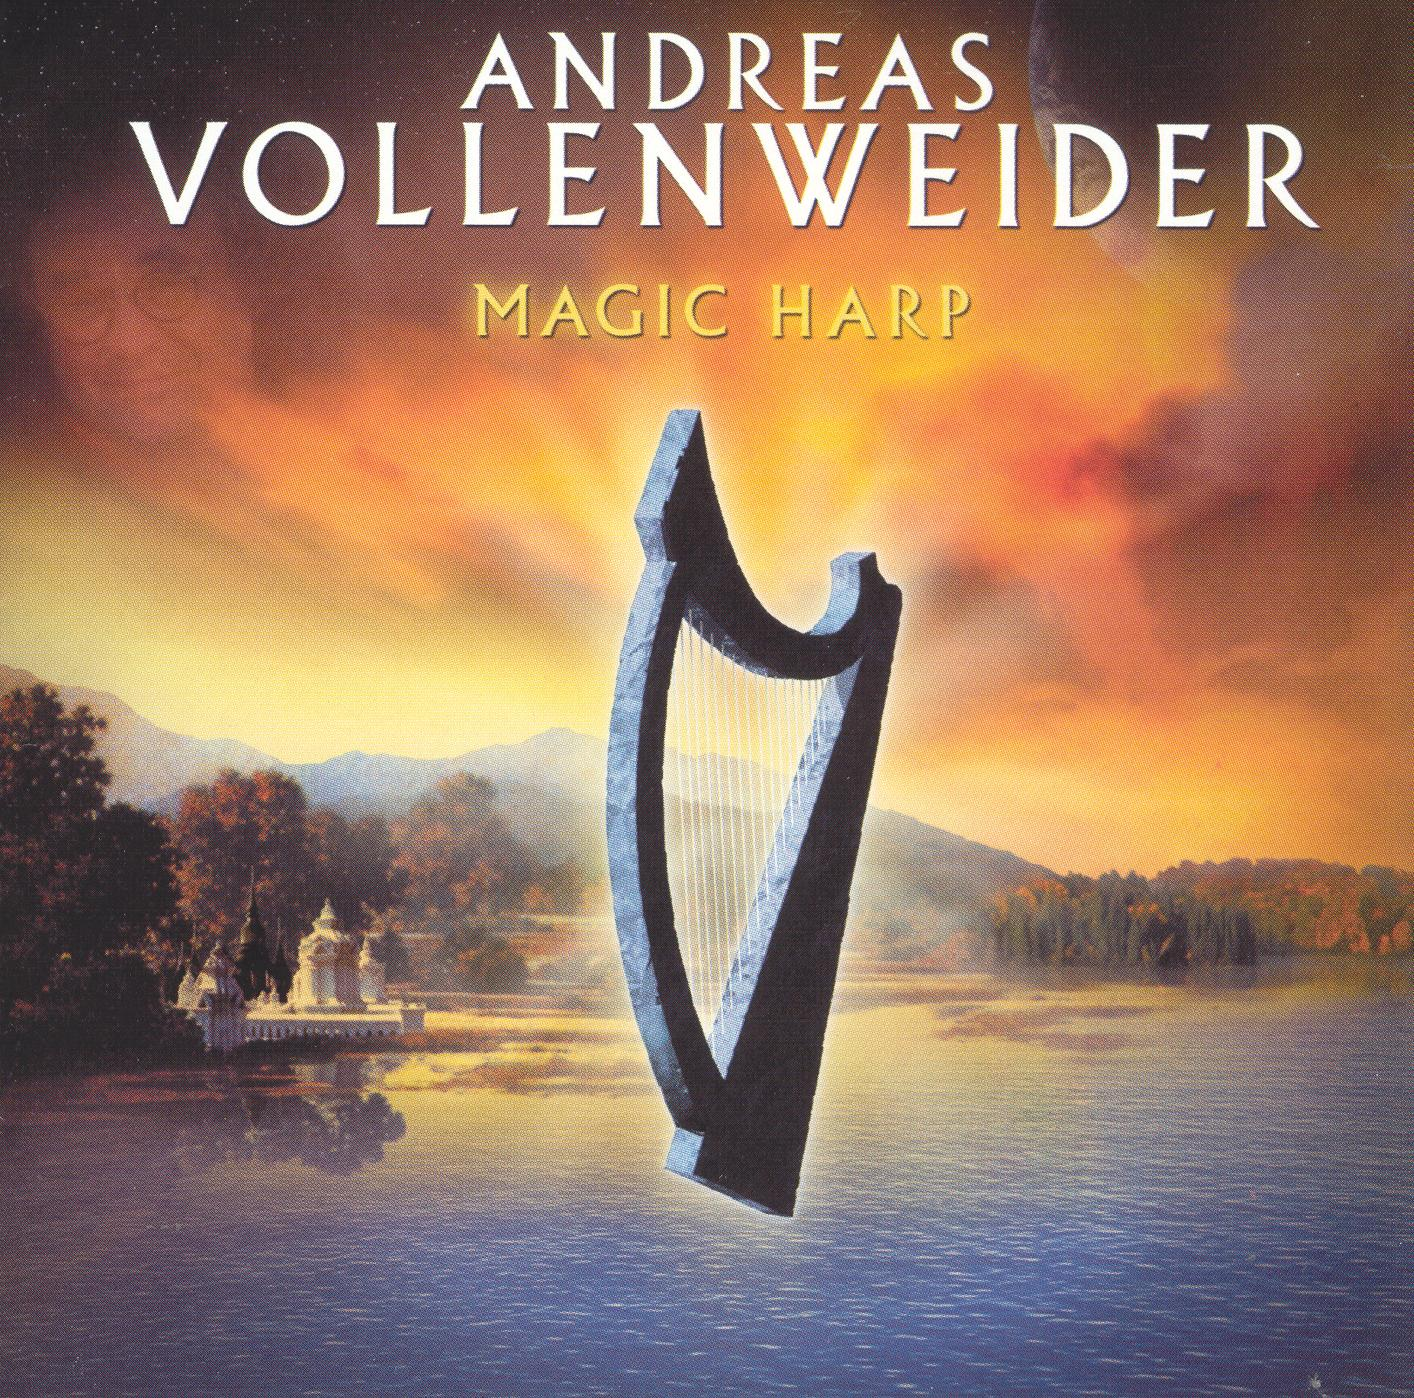 Andreas Vollenweider: Magic Harp